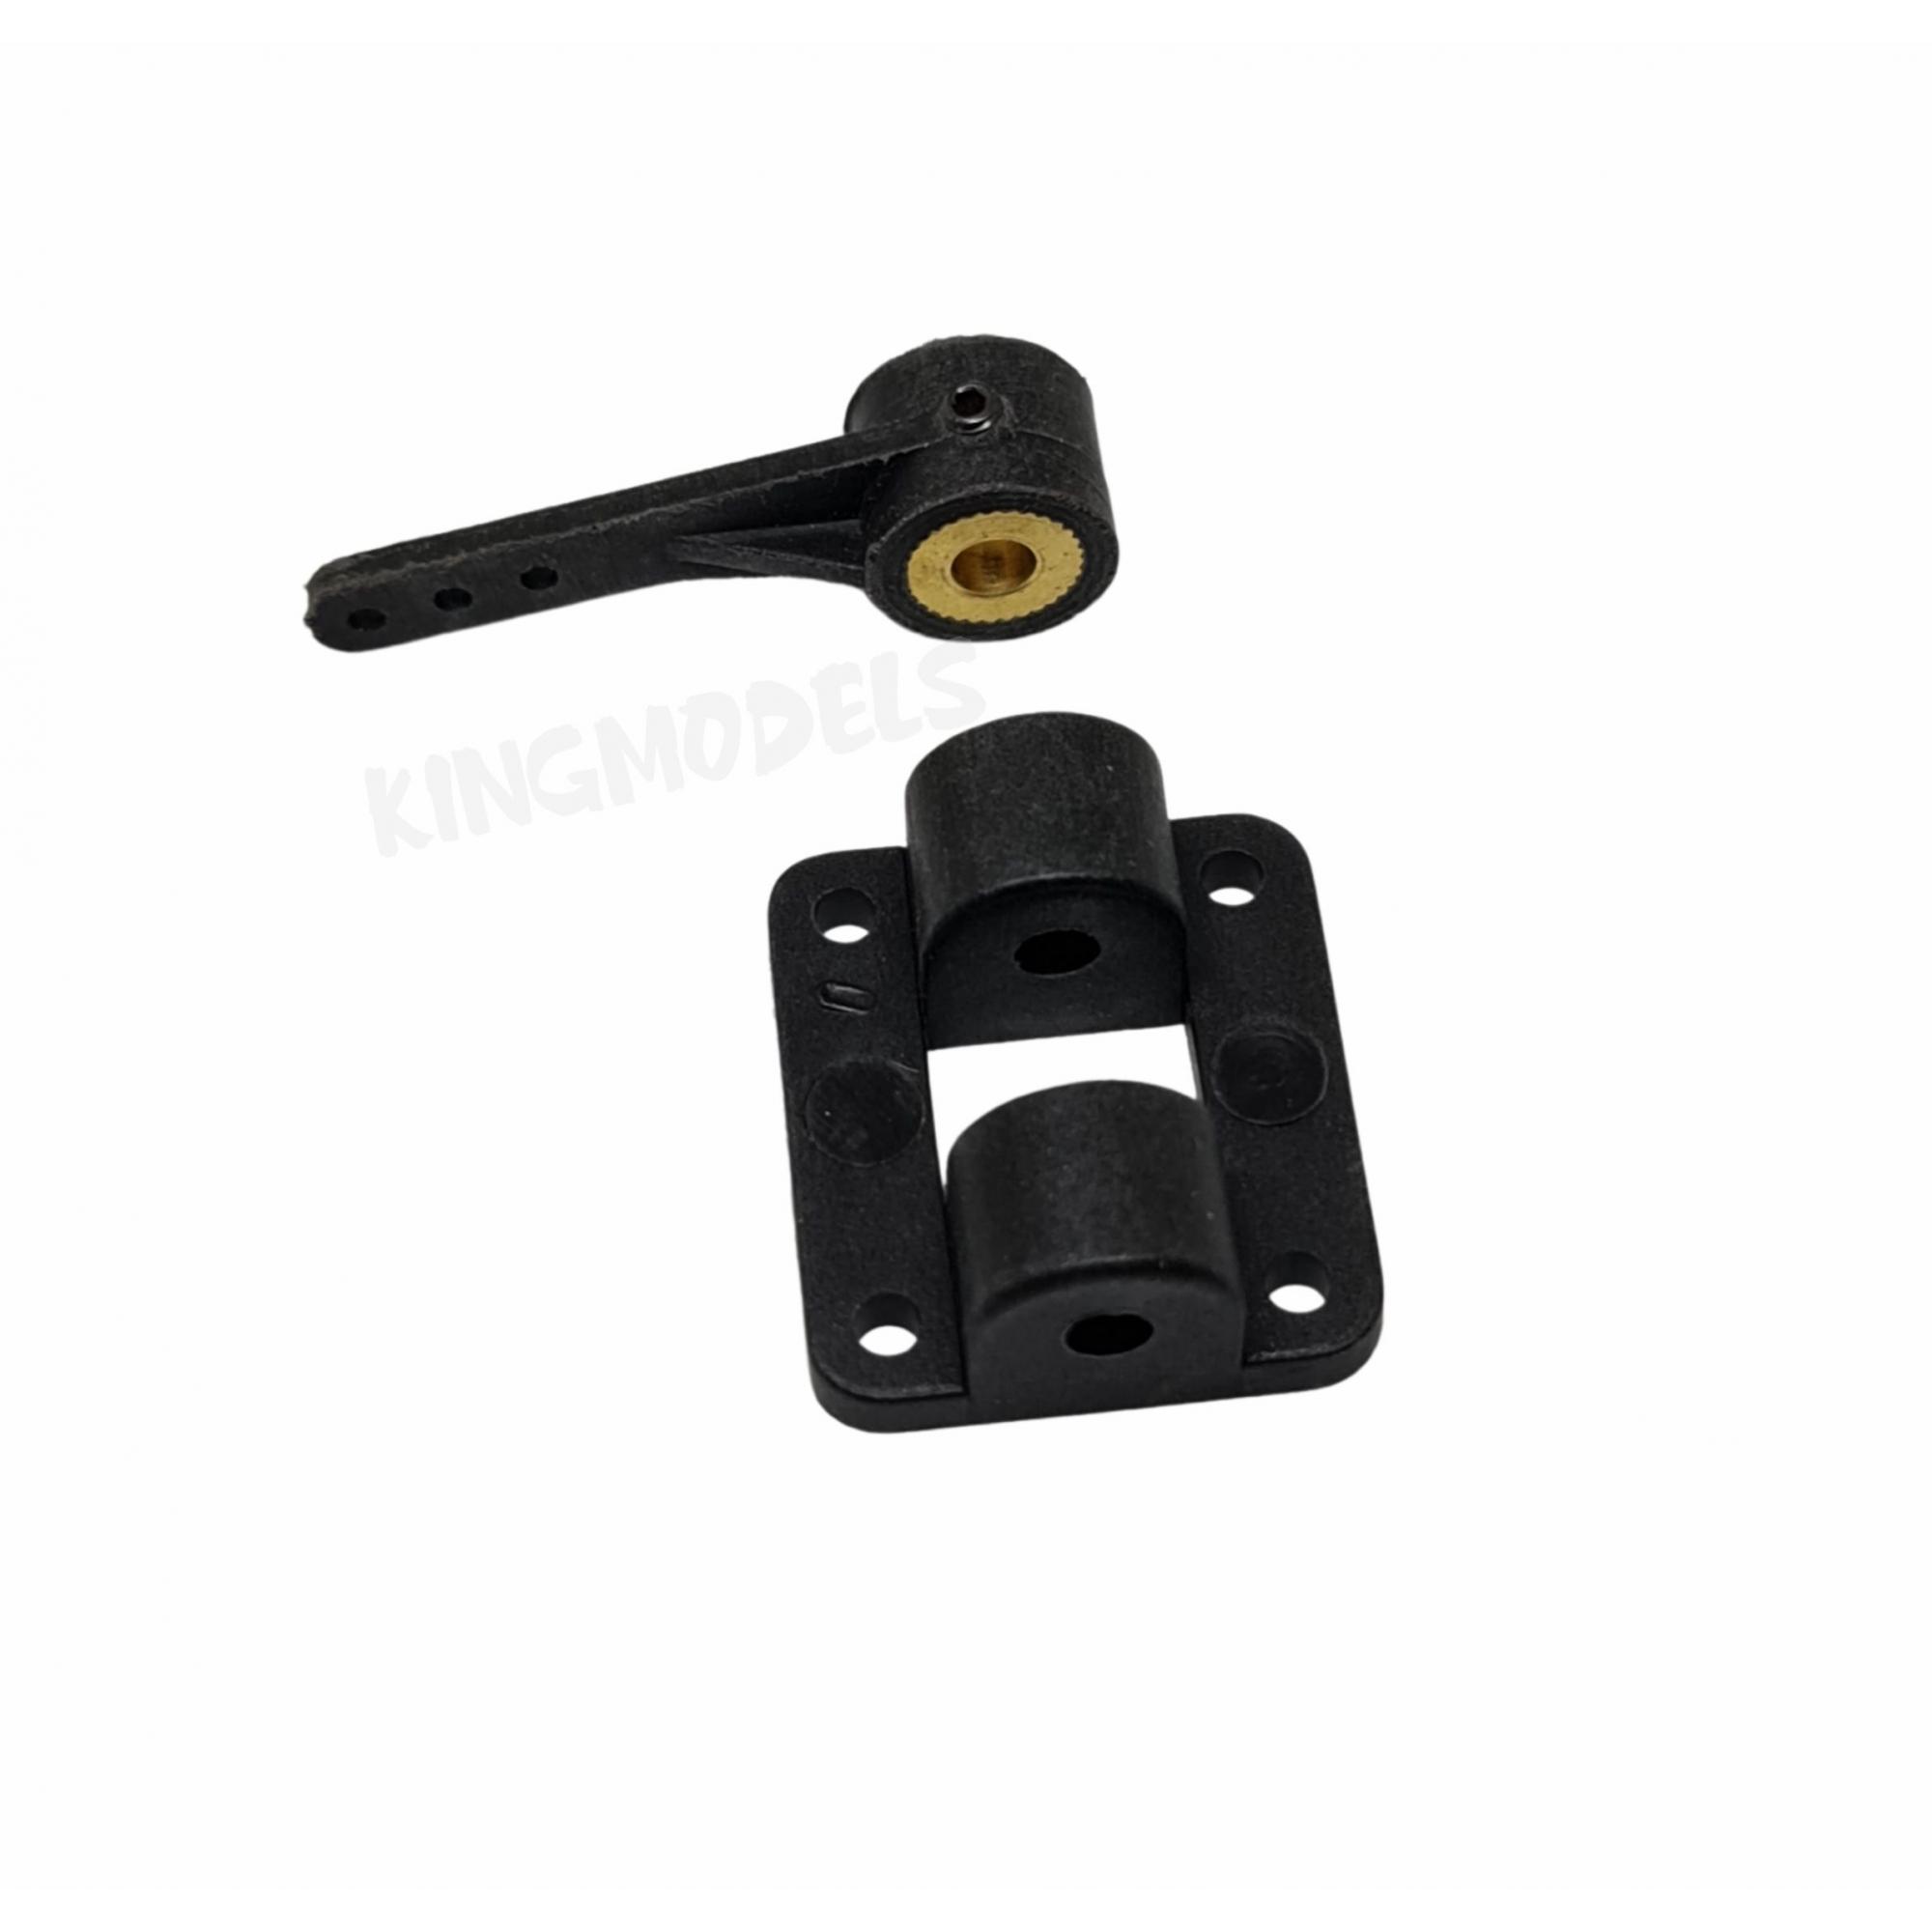 Suporte P/ Bequilha Dianteira C/ Haste De Comando Arame 4mm  - King Models